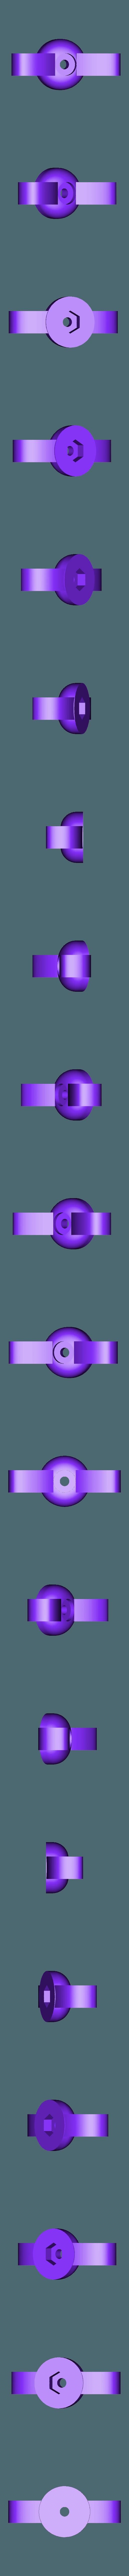 Nut.stl Télécharger fichier STL gratuit Kit de supports, de pinces et d'équipement • Modèle pour impression 3D, TinkersProjects